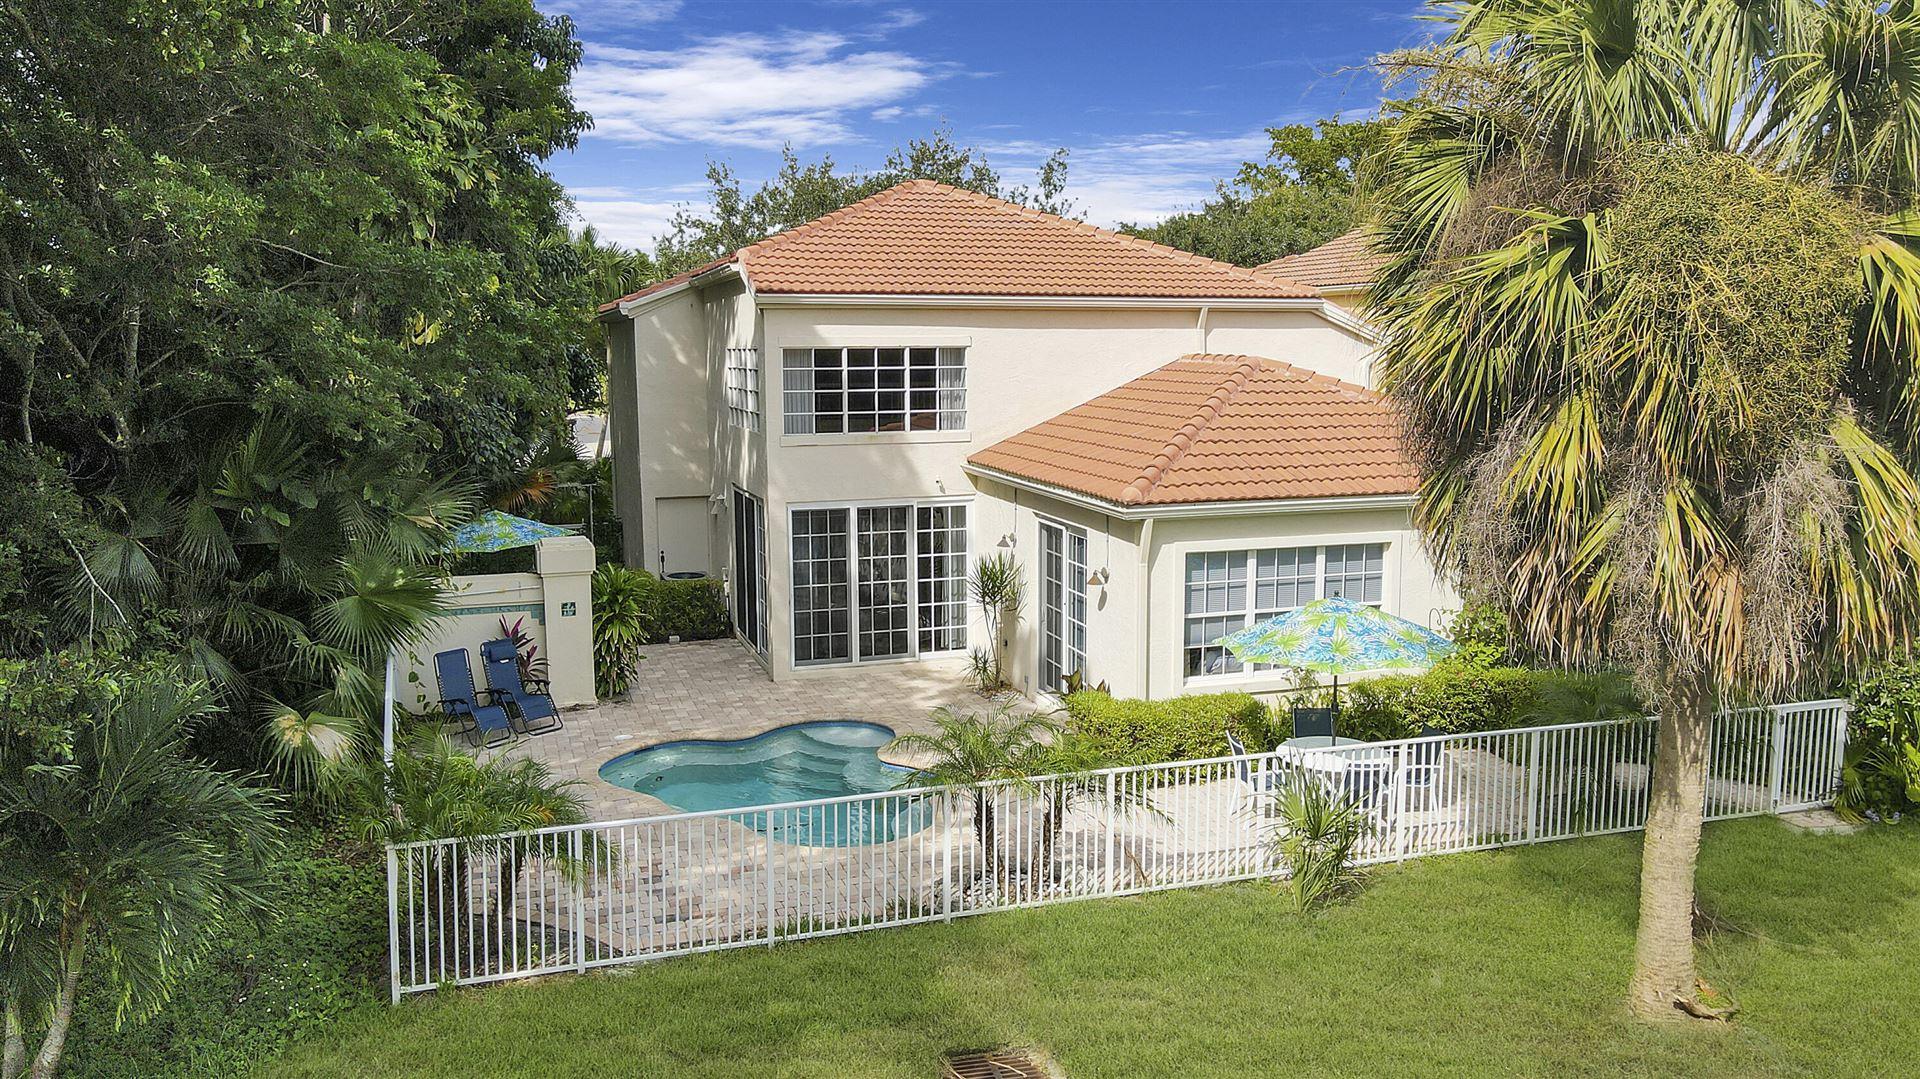 Photo of 1 Via Verona, Palm Beach Gardens, FL 33418 (MLS # RX-10750905)